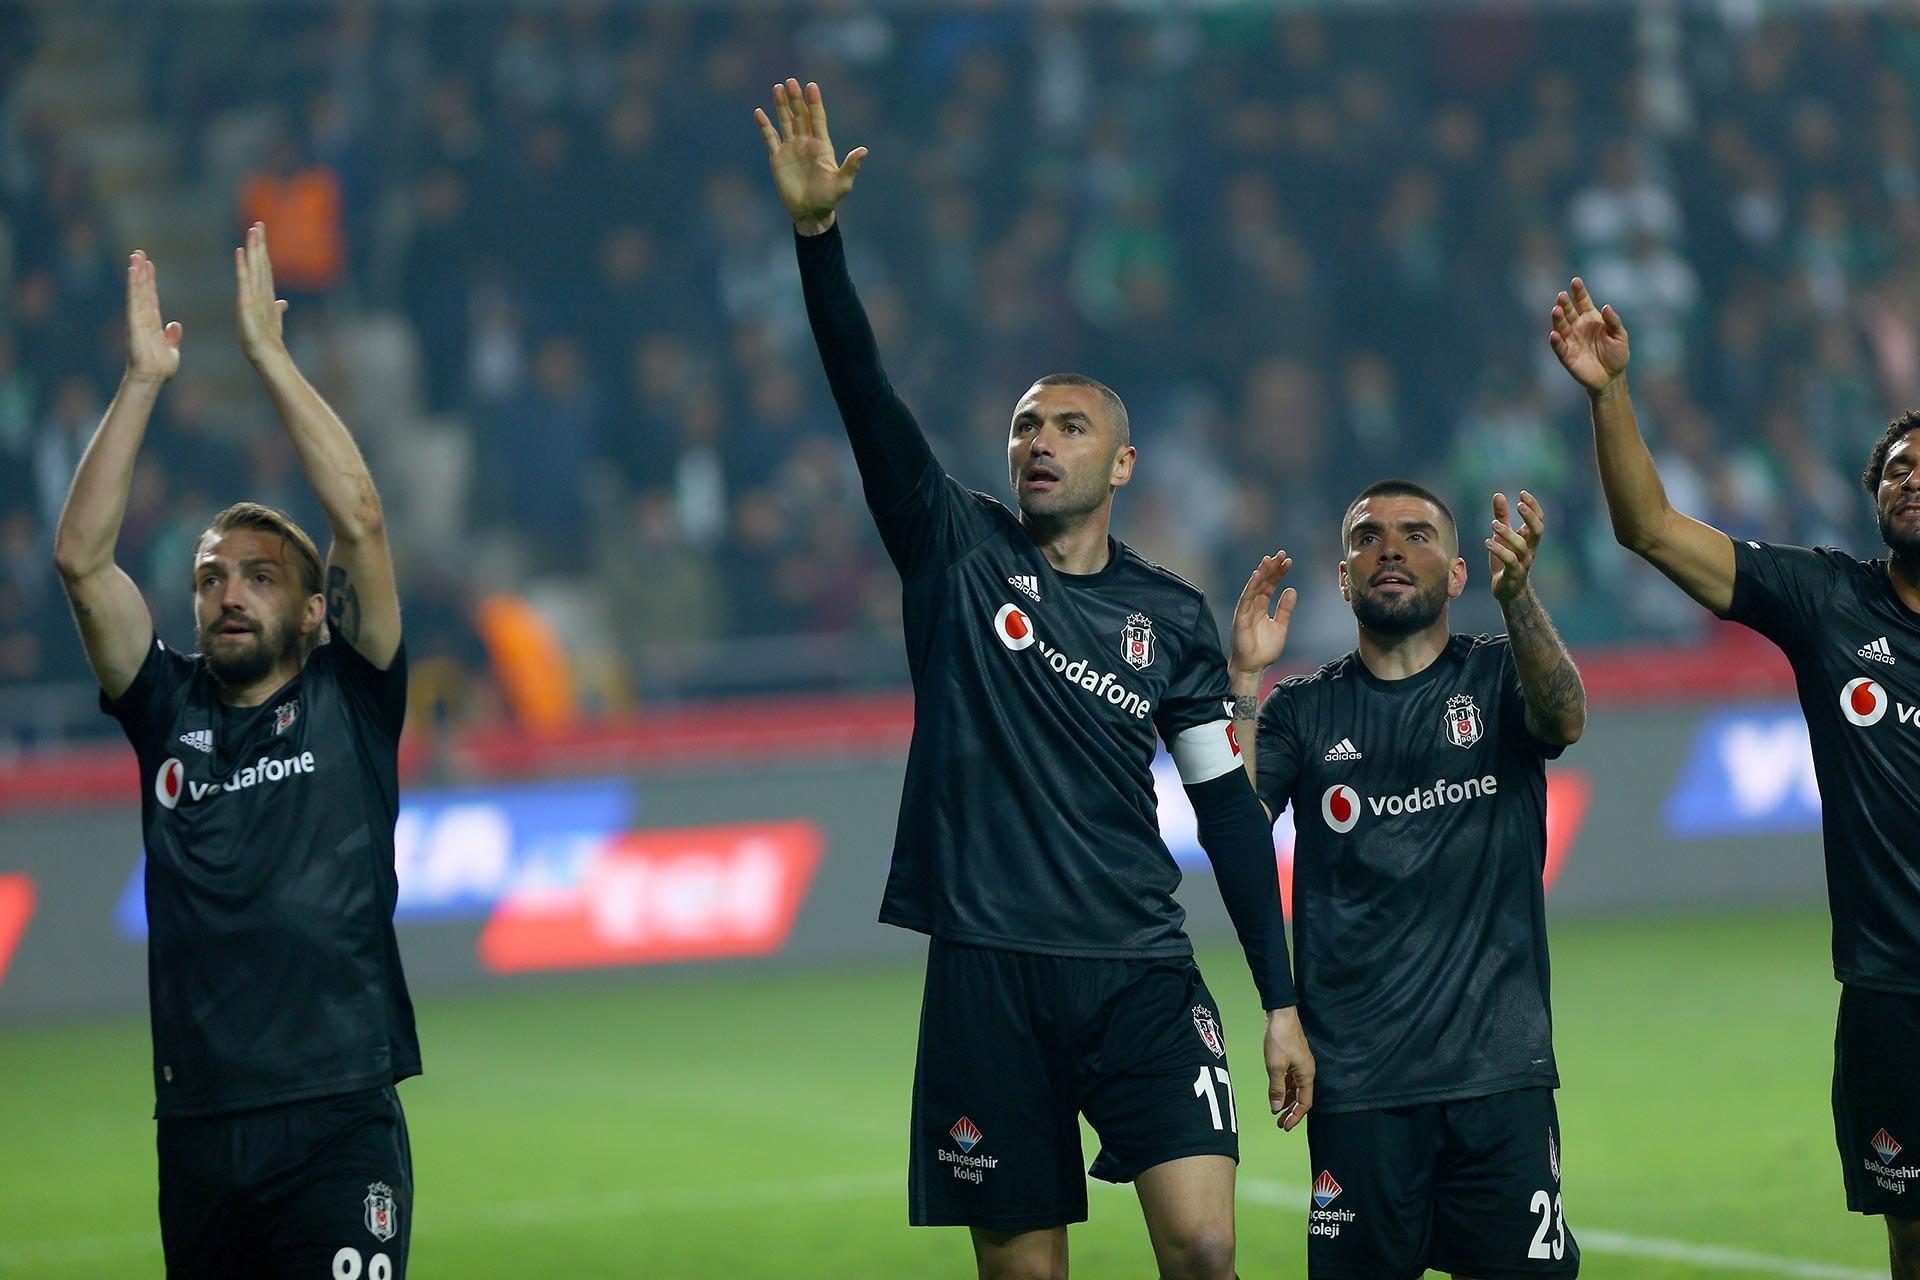 Beşiktaşlı Burak Yılmaz'ın attığı gol sonrası oyuncular sevinçlerini taraftarla paylaşırken